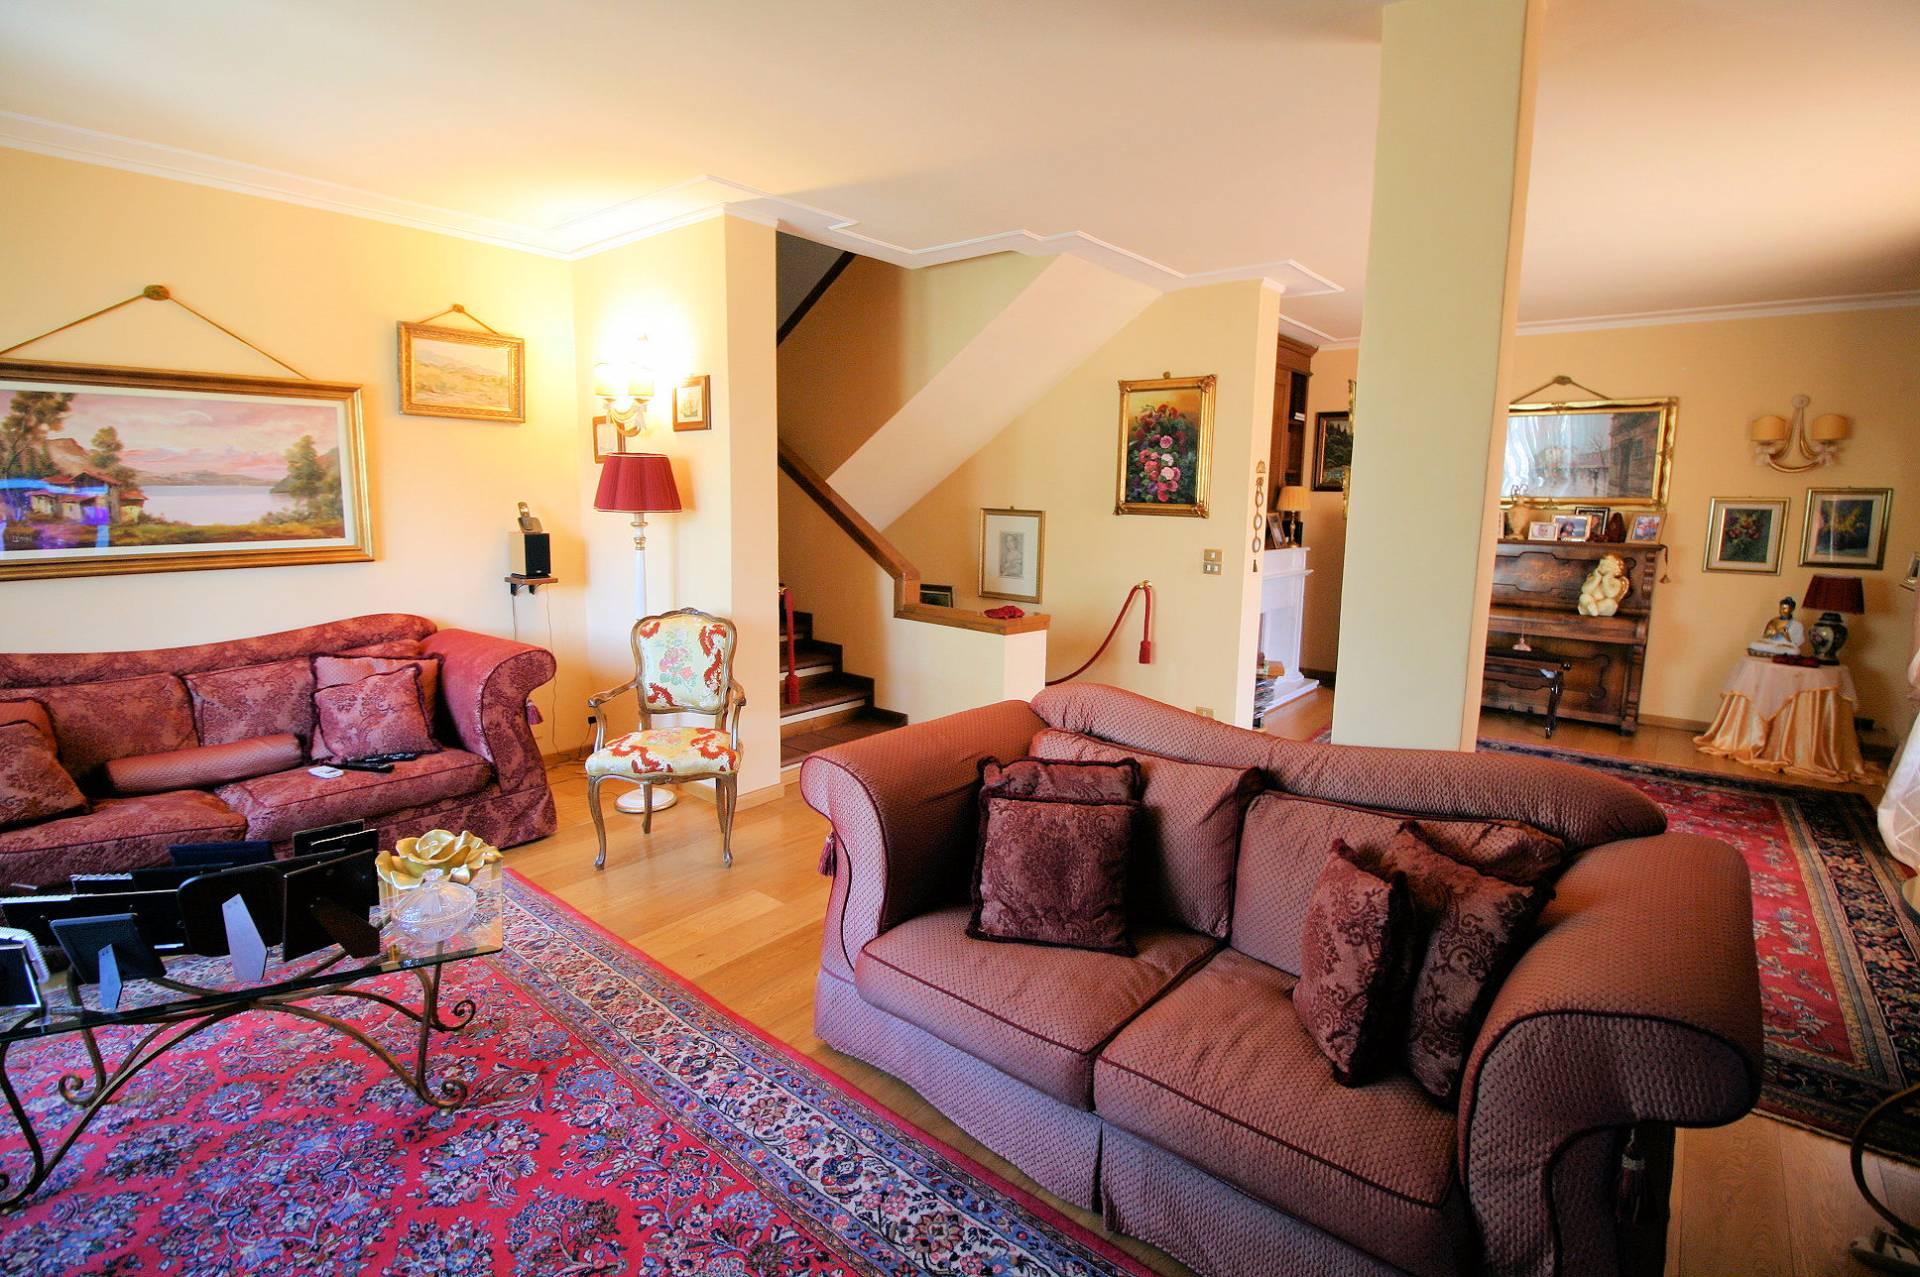 Villa in vendita a Montecatini-Terme, 13 locali, prezzo € 420.000 | CambioCasa.it